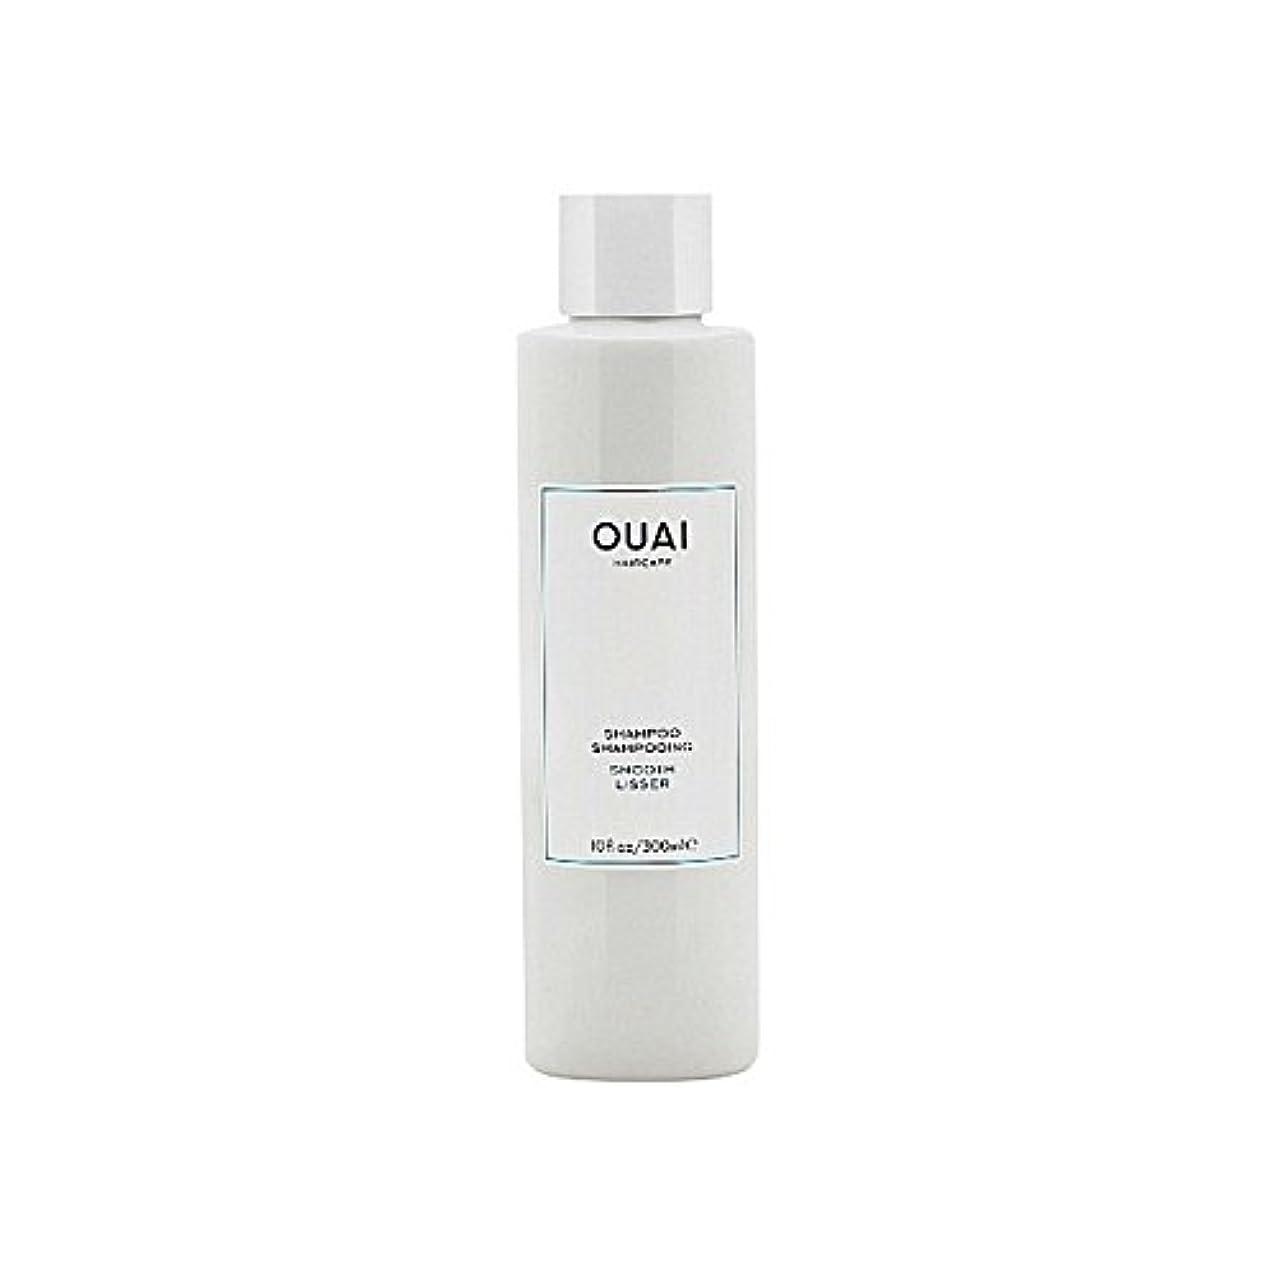 それプロテスタント広大なOuai Smooth Shampoo 300ml - スムーズなシャンプー300ミリリットル [並行輸入品]